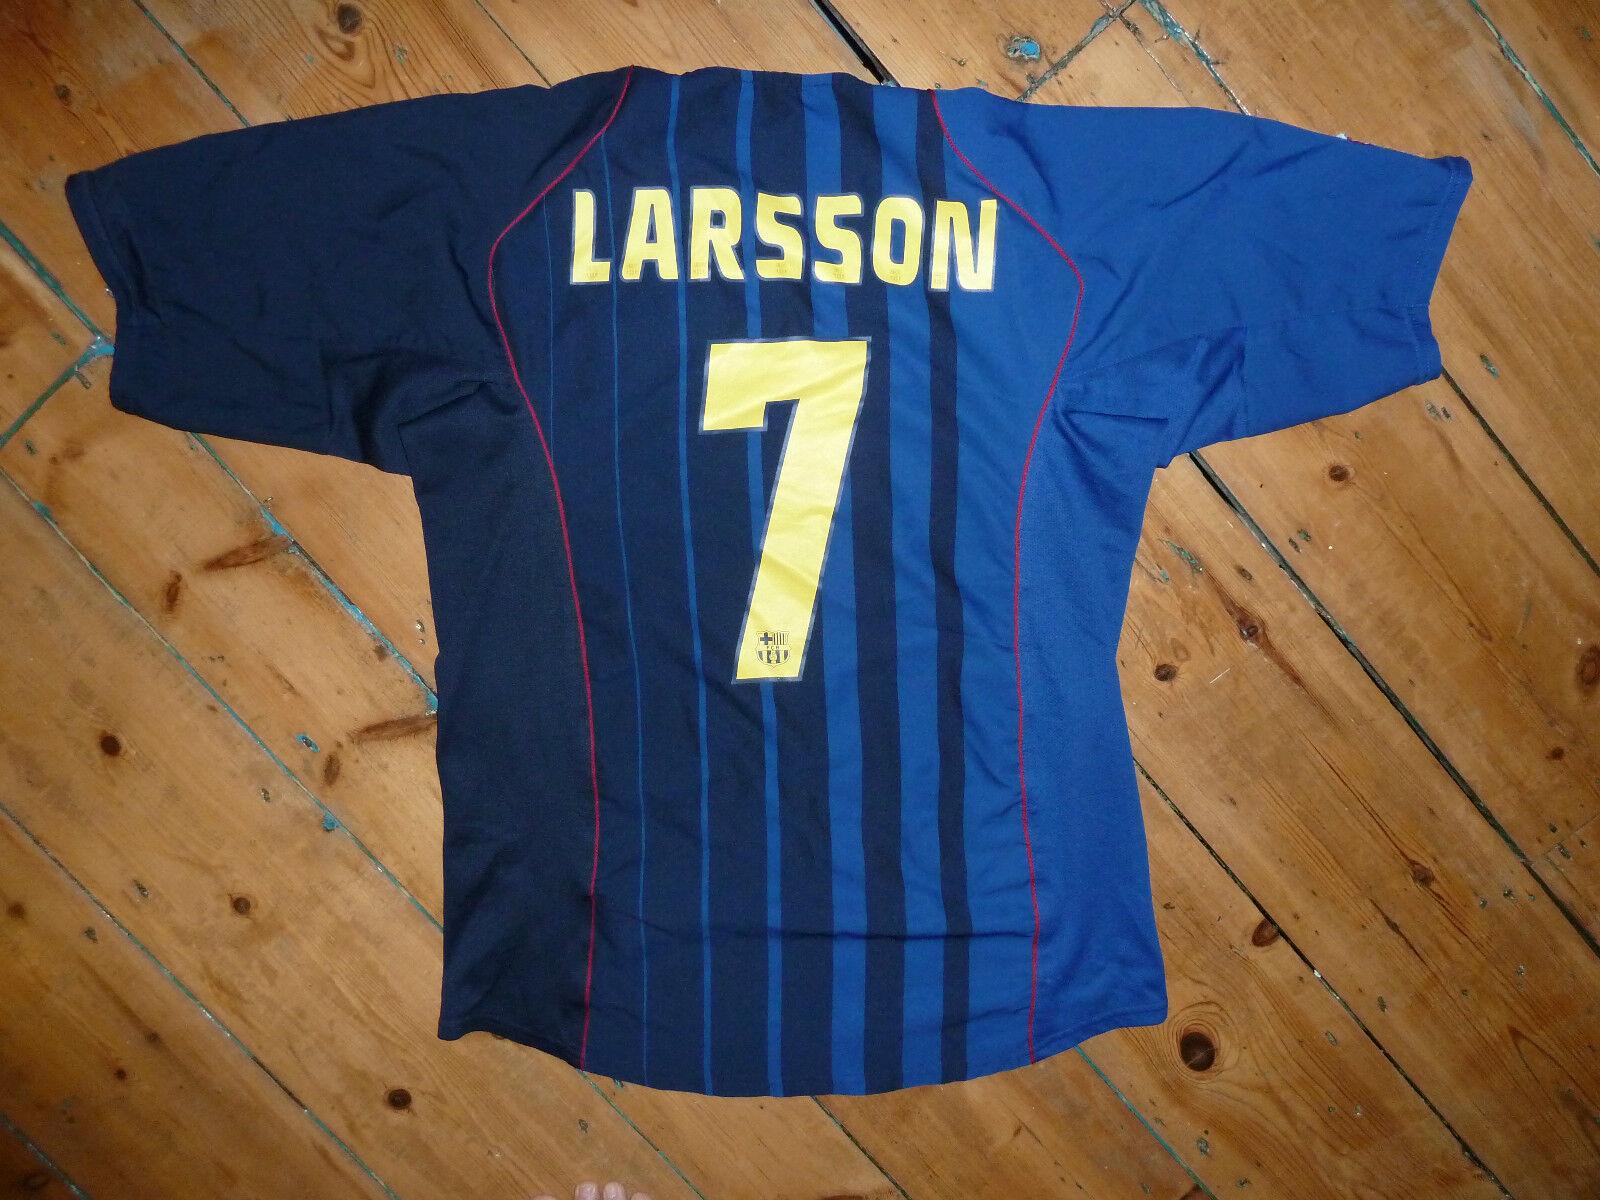 Barcellona Maglietta + L+ Larsson  17 Maglia 2004 + Camiseta Maillot Maglla